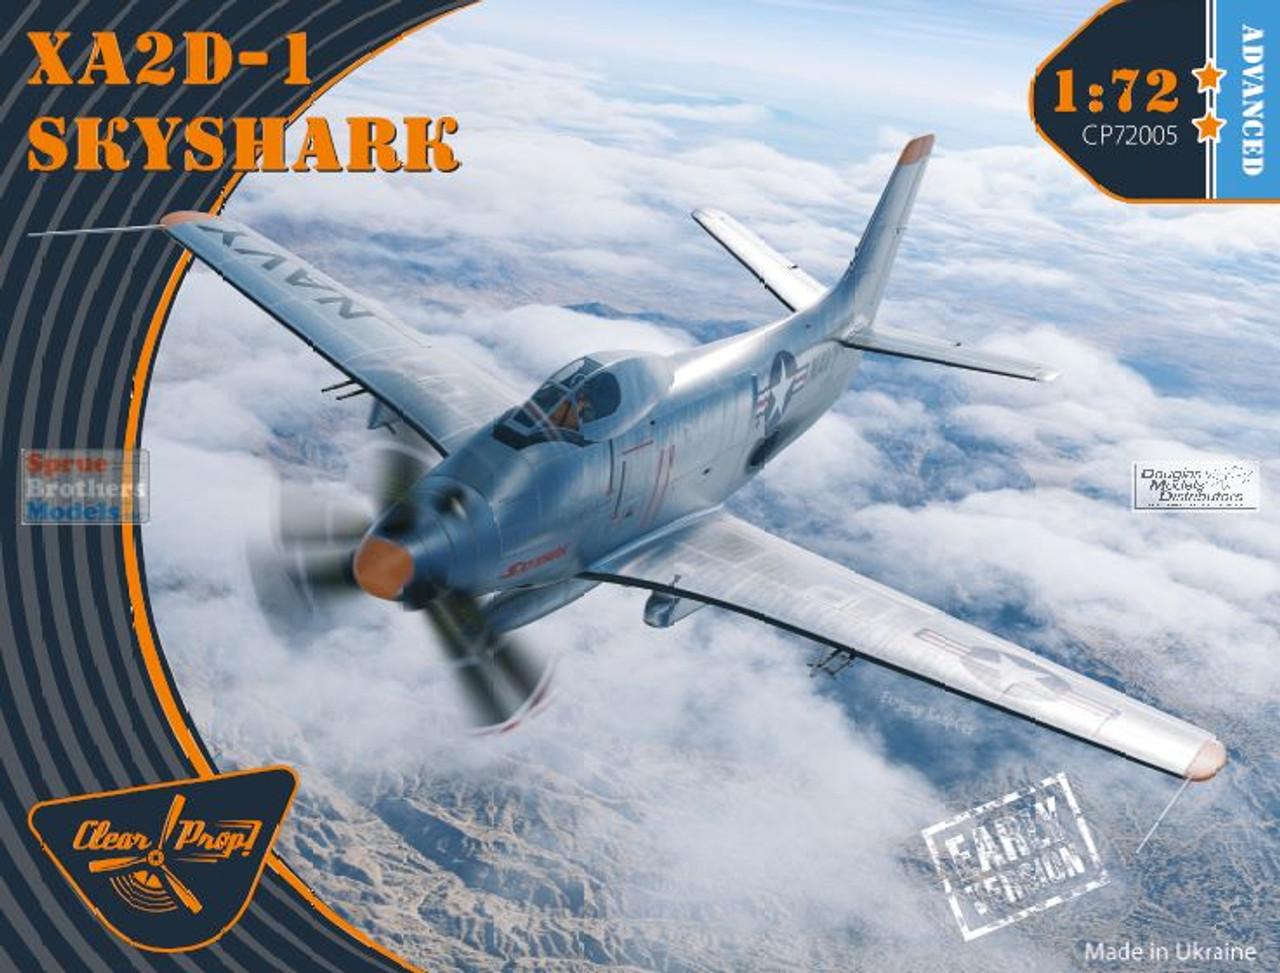 CLPCP72005 1:72 Clear Prop Models XA2D-1 Skyshark